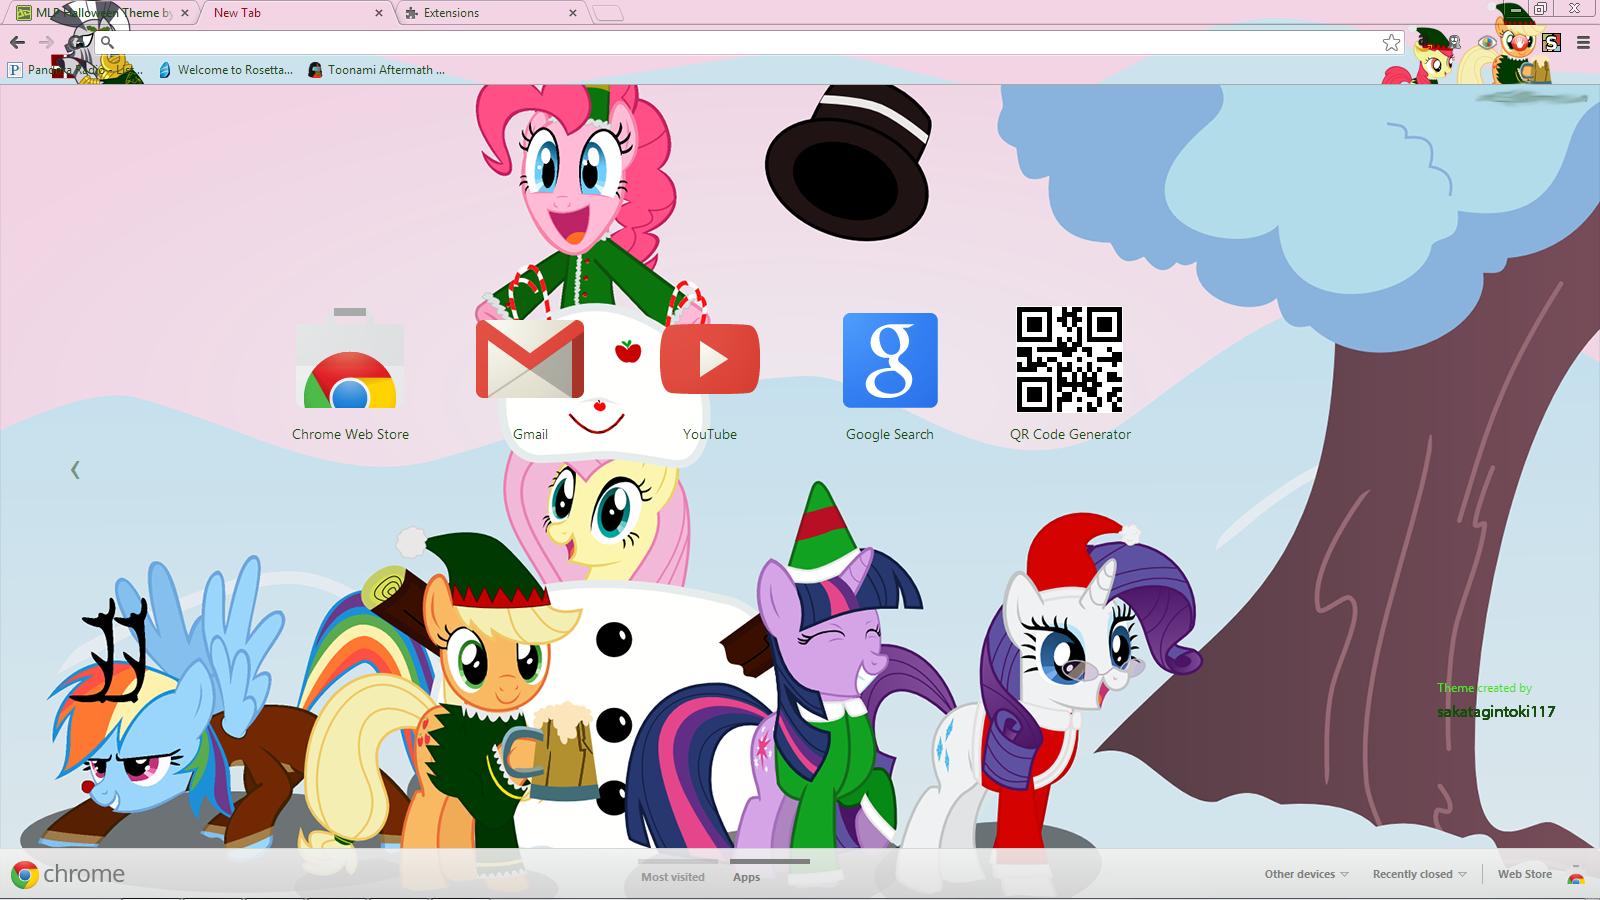 Google themes christmas - Mlp Christmas Theme By Sakatagintoki117 Mlp Christmas Theme By Sakatagintoki117